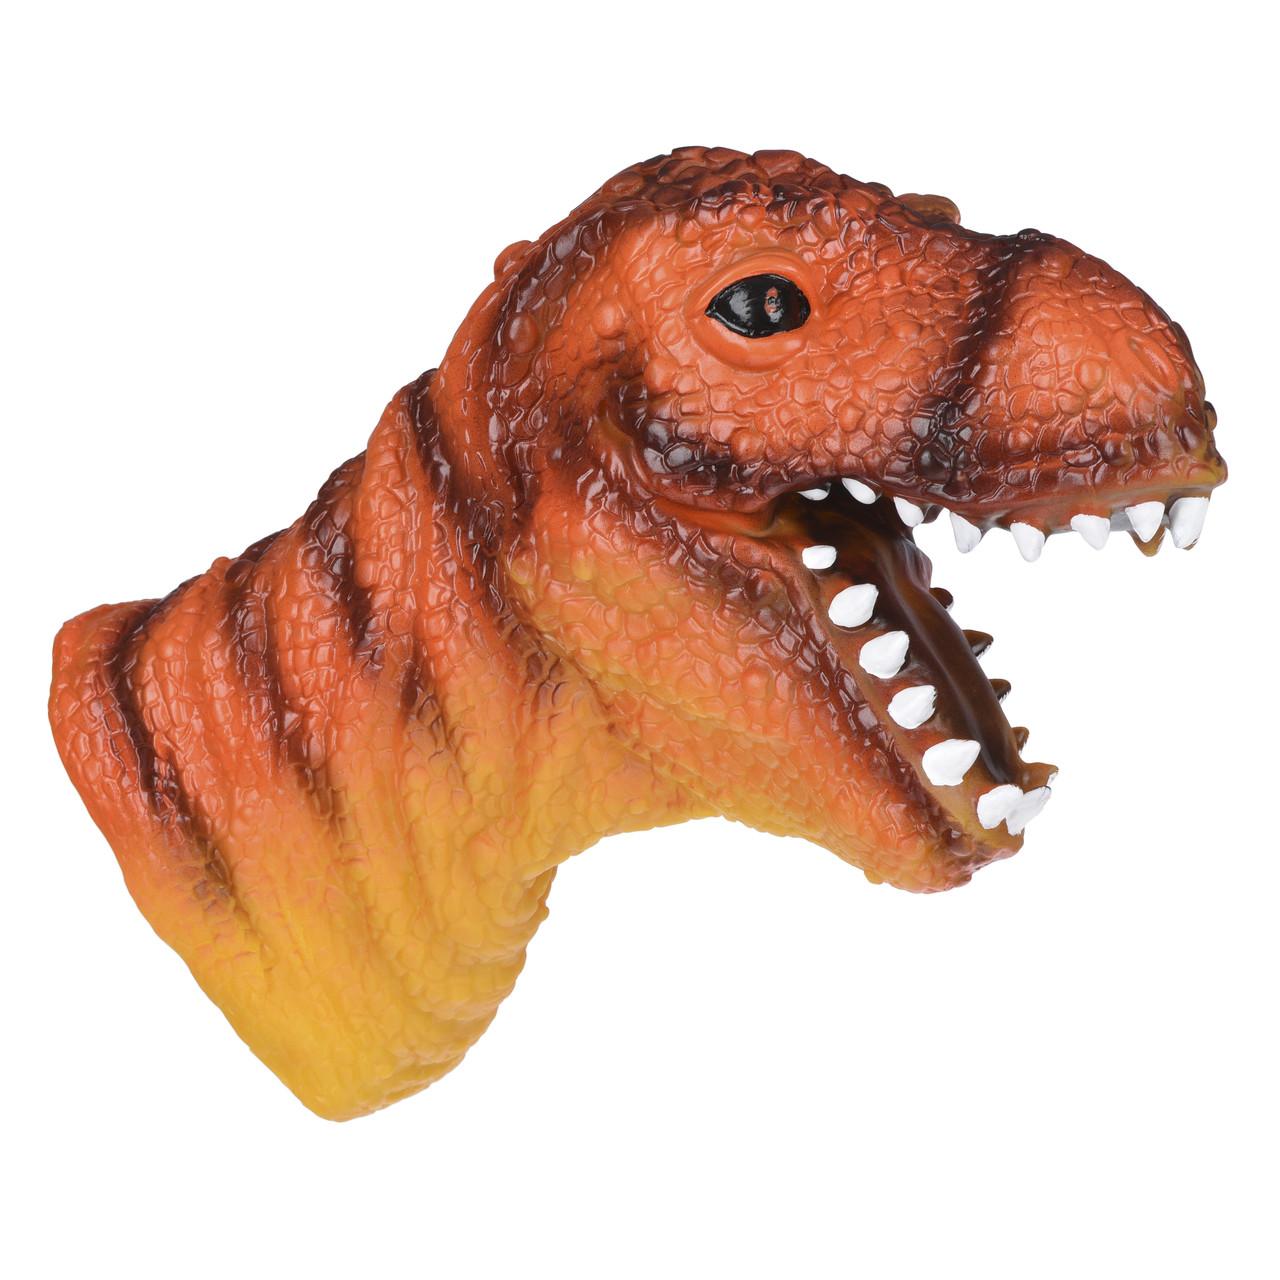 Игрушка - перчатка  Animal Gloves Toys Голова Динозавра «Same Toy» (AK68622Ut-3)